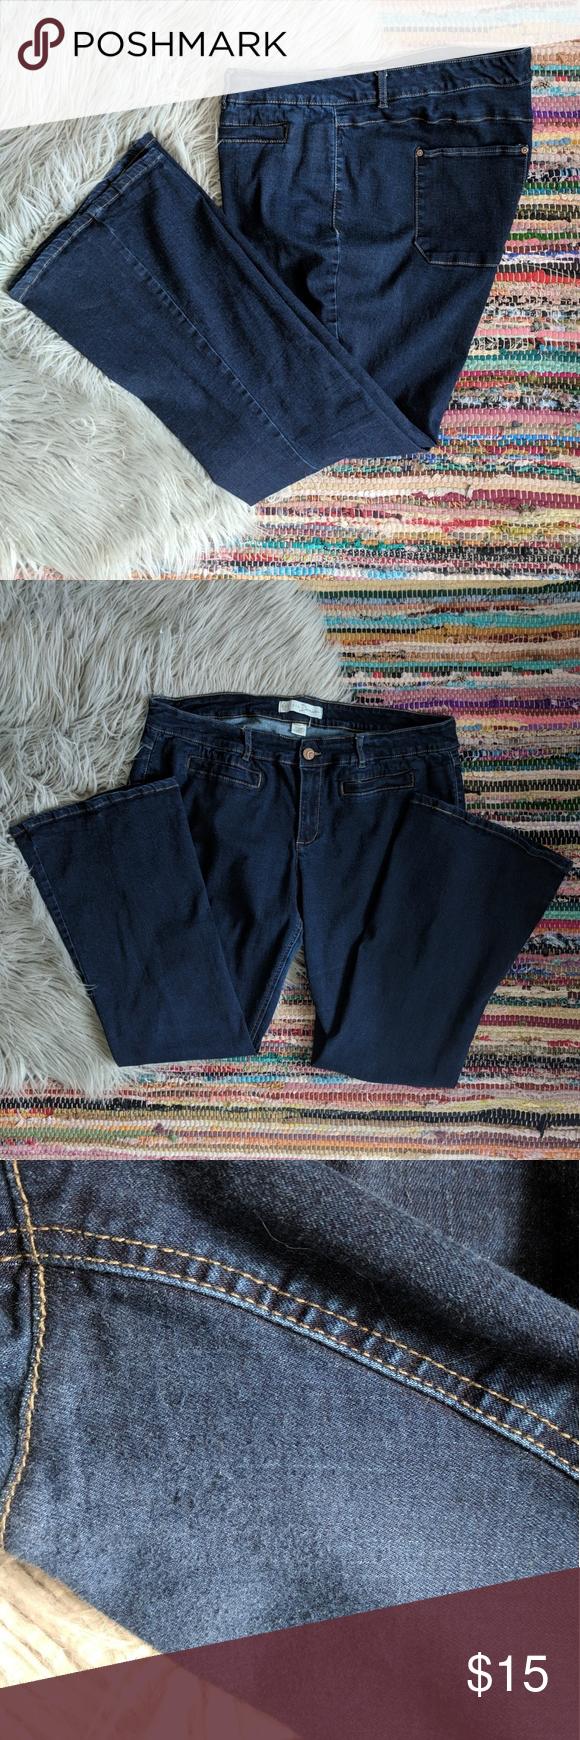 c9a65347f4 Cato Premium Flare Jeans Rinse Wash 22W Petite Petite flare jeans from Cato  Fashions. Dark